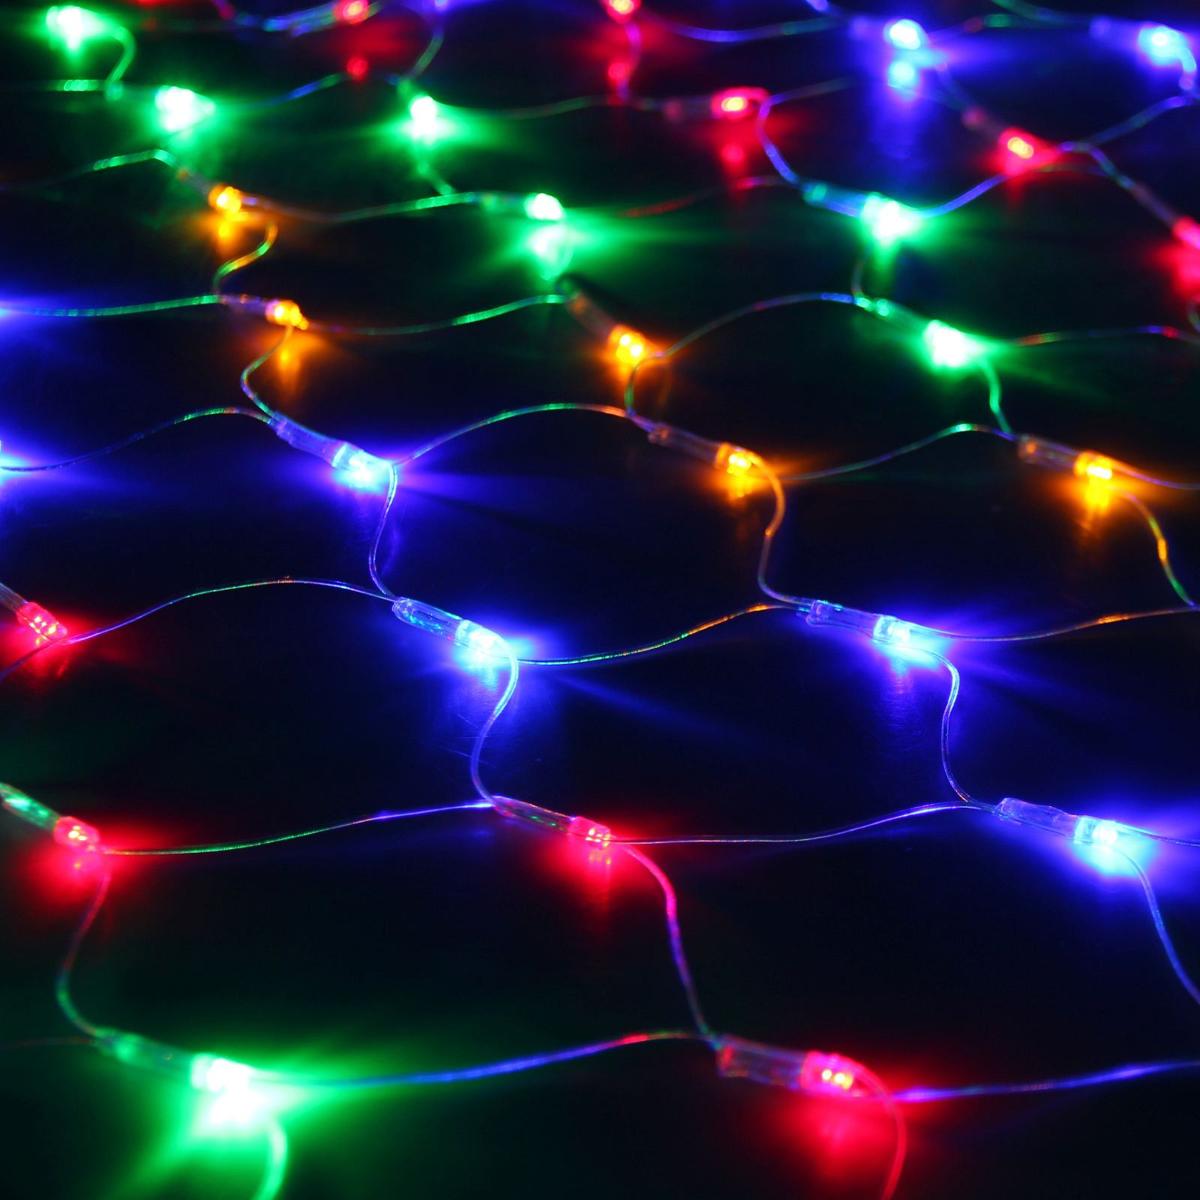 Гирлянда Luazon Сетка, длина 0,9 м, LED 120 ламп, 220V, цвет: мультиколор. 703316703316Светодиодные гирлянды, ленты и т.д — это отличный вариант для новогоднего оформления интерьера или фасада. С их помощью помещение любого размера можно превратить в праздничный зал, а внешние элементы зданий, украшенные ими, мгновенно станут напоминать очертания сказочного дворца. Такие украшения создают ауру предвкушения чуда. Деревья, фасады, витрины, окна и арки будто специально созданы, чтобы вы украсили их светящимися нитями.